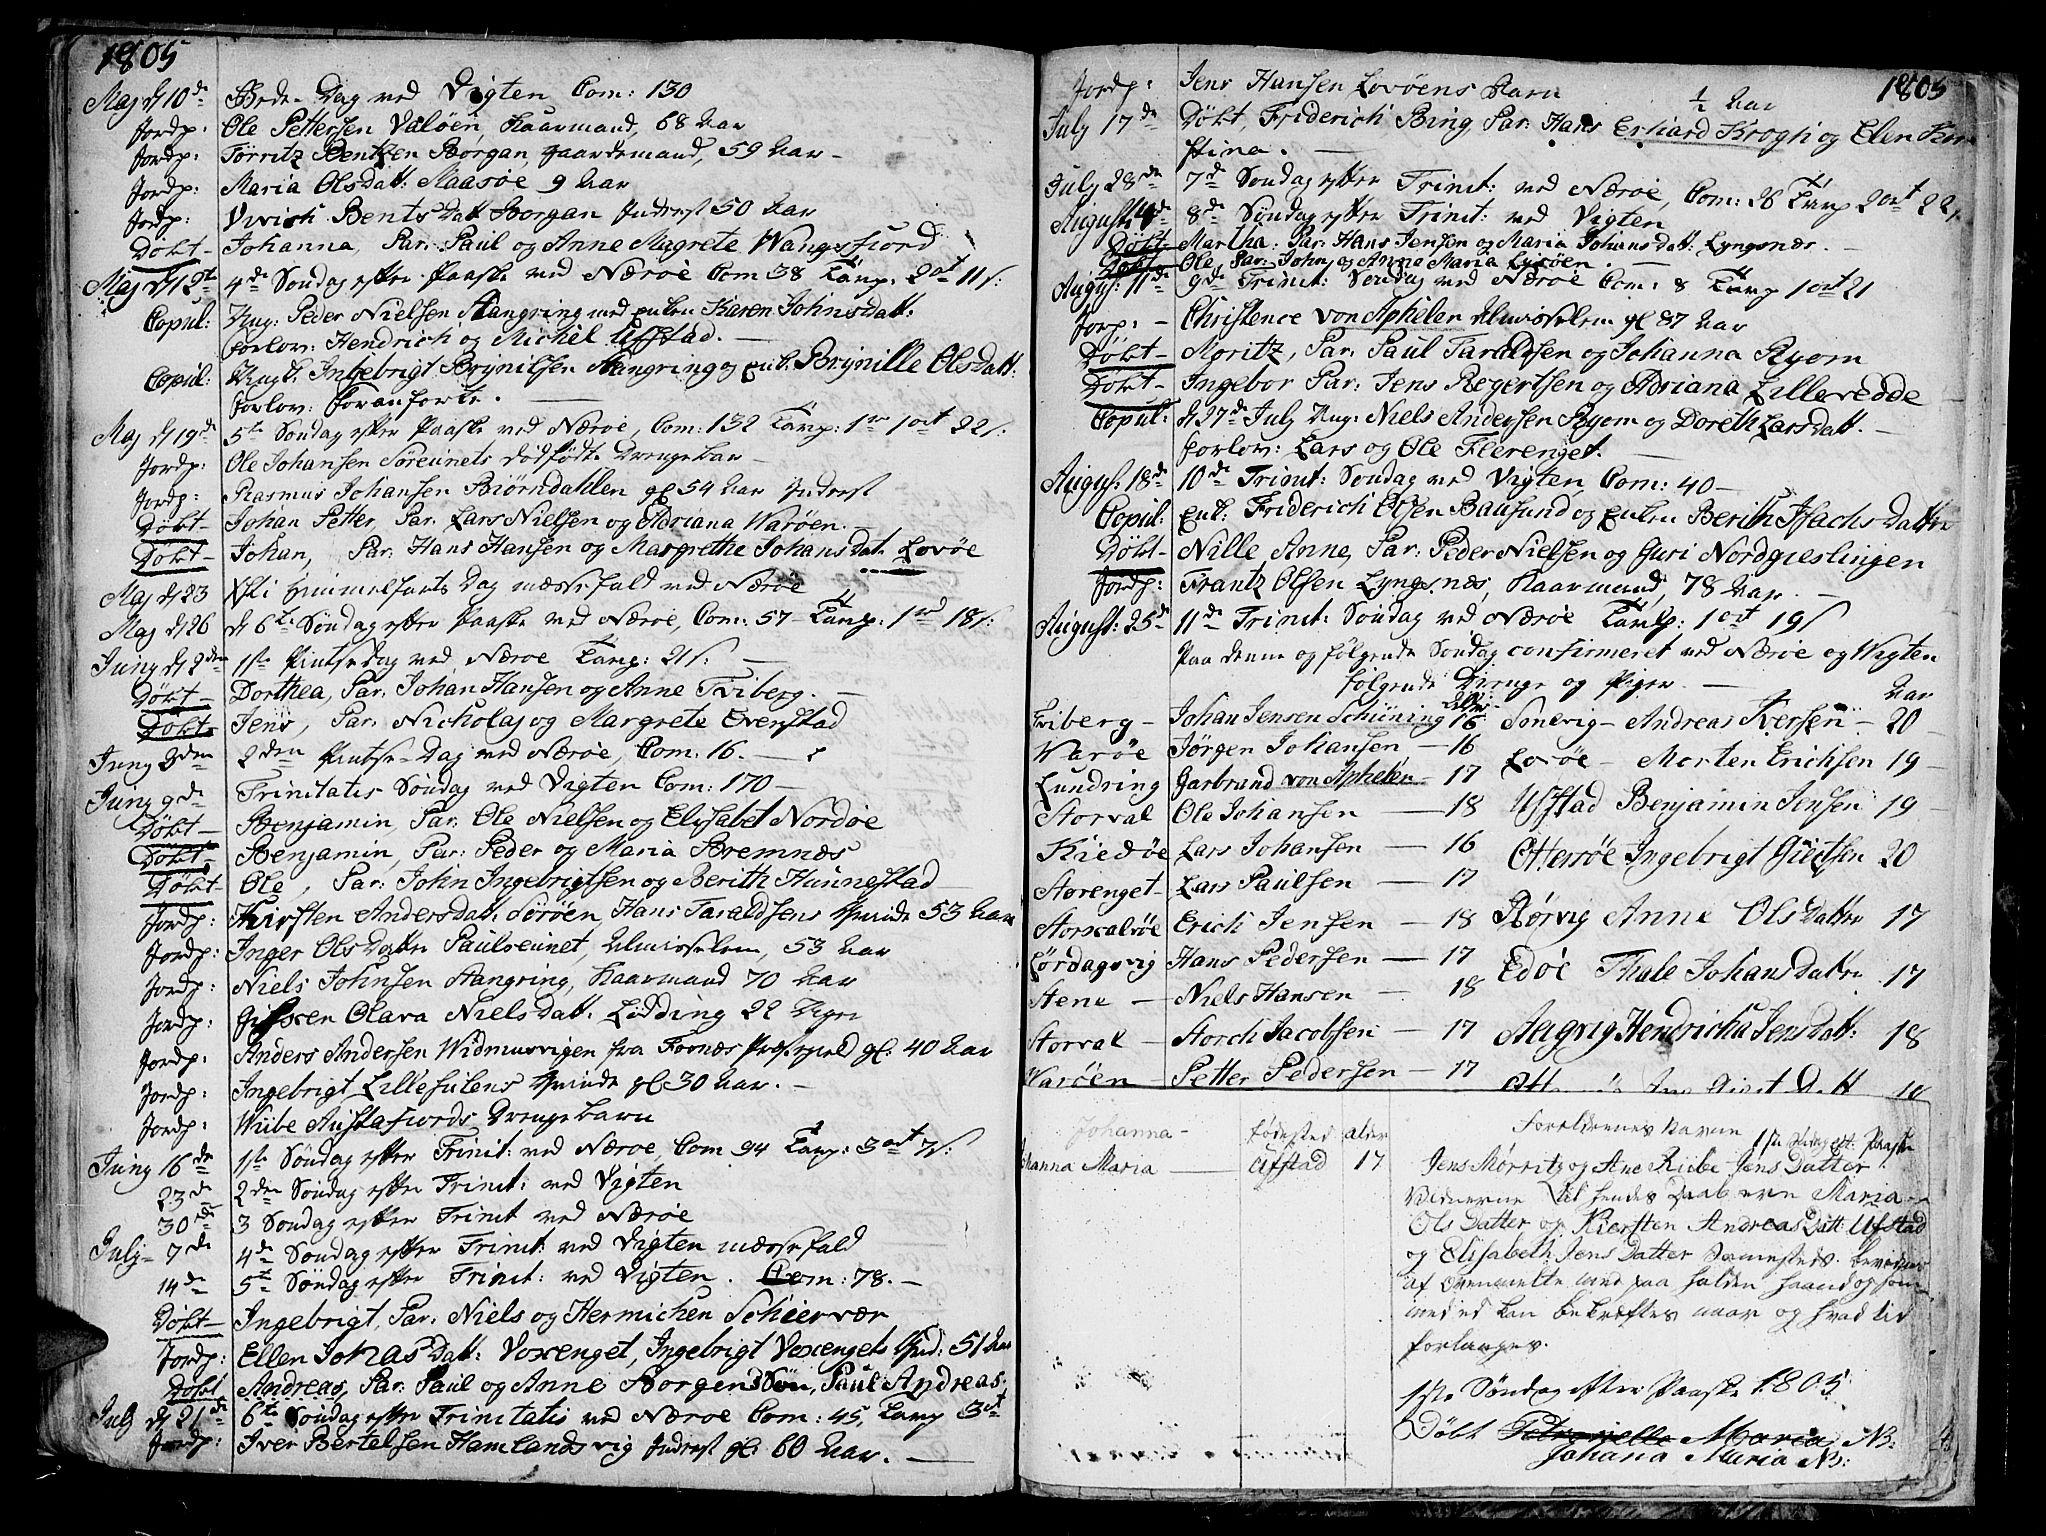 SAT, Ministerialprotokoller, klokkerbøker og fødselsregistre - Nord-Trøndelag, 784/L0666: Ministerialbok nr. 784A02, 1785-1815